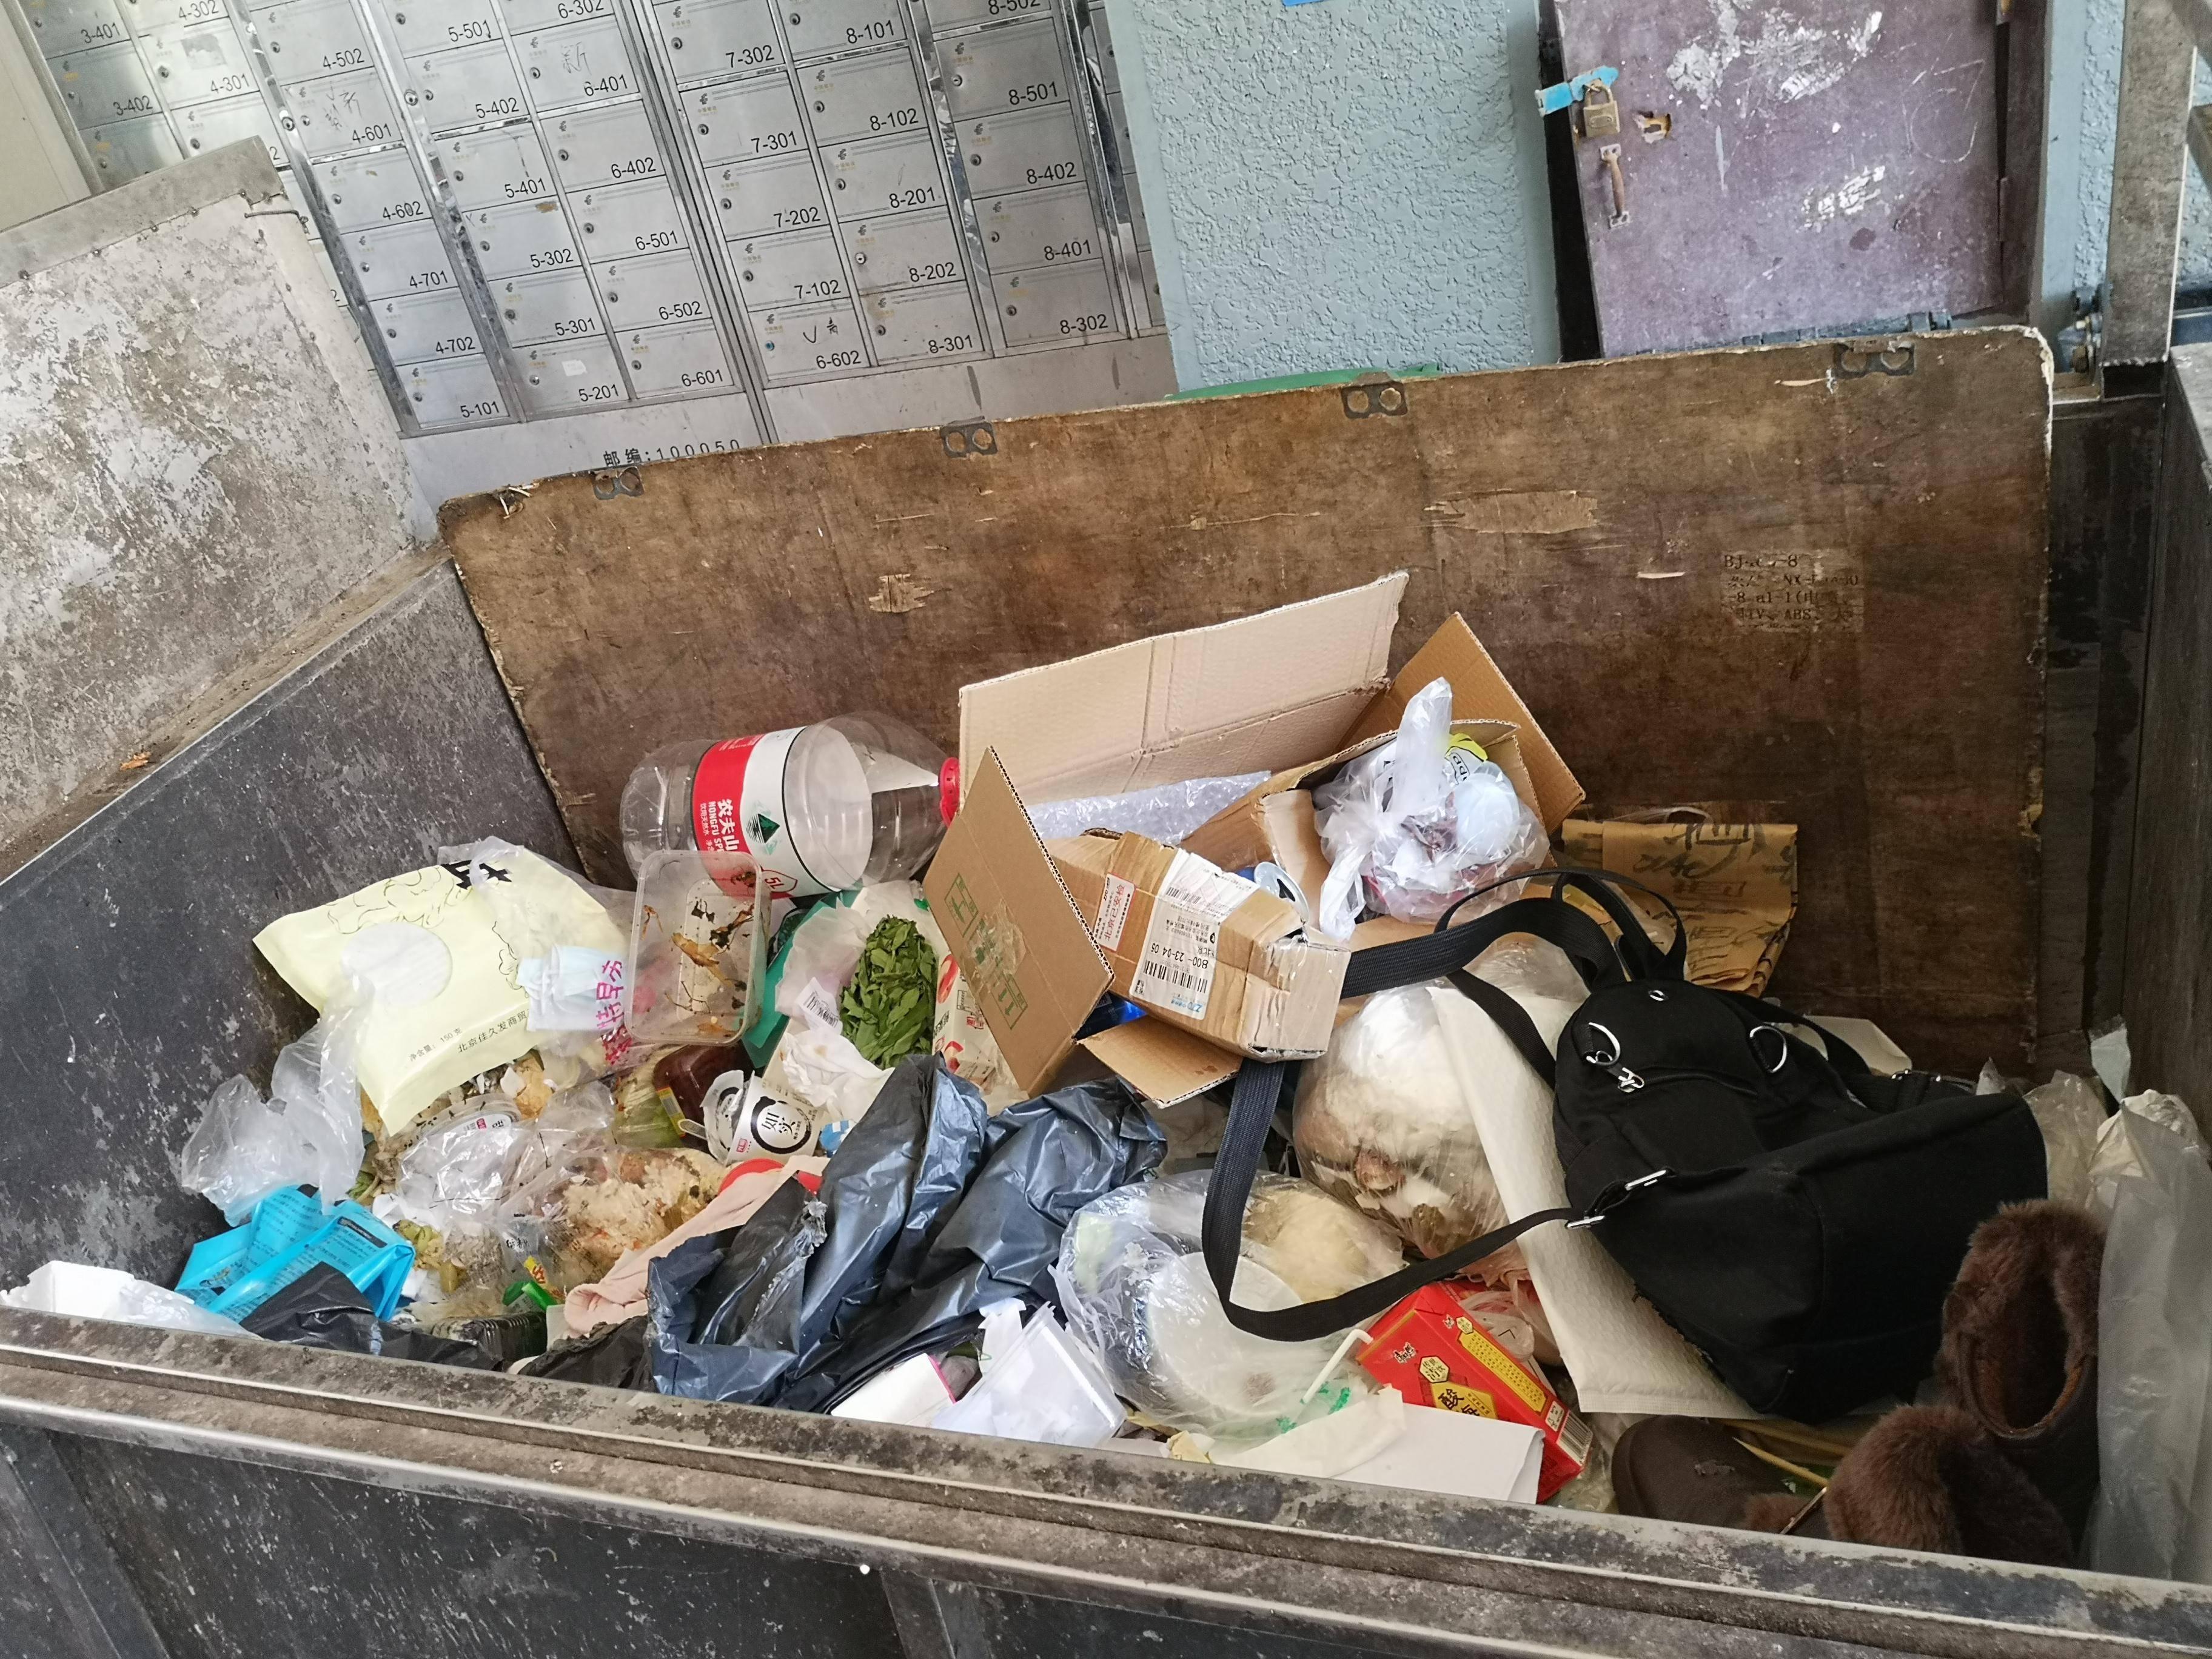 北京多社区垃圾分类未落地,混投无人罚|垃圾分类满月考